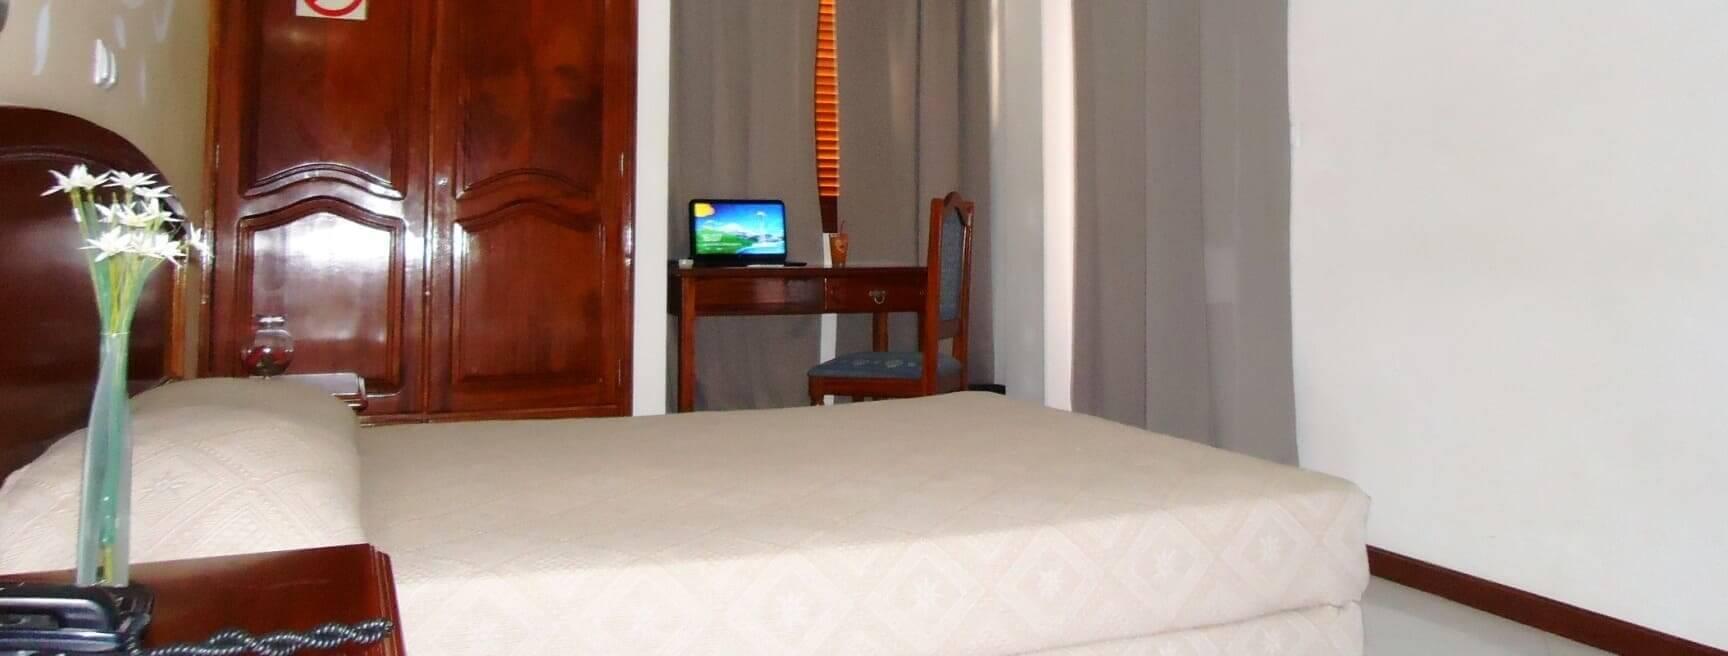 Alojamentos: Residencial Beleza Monte e Residencial Beleza Laginha